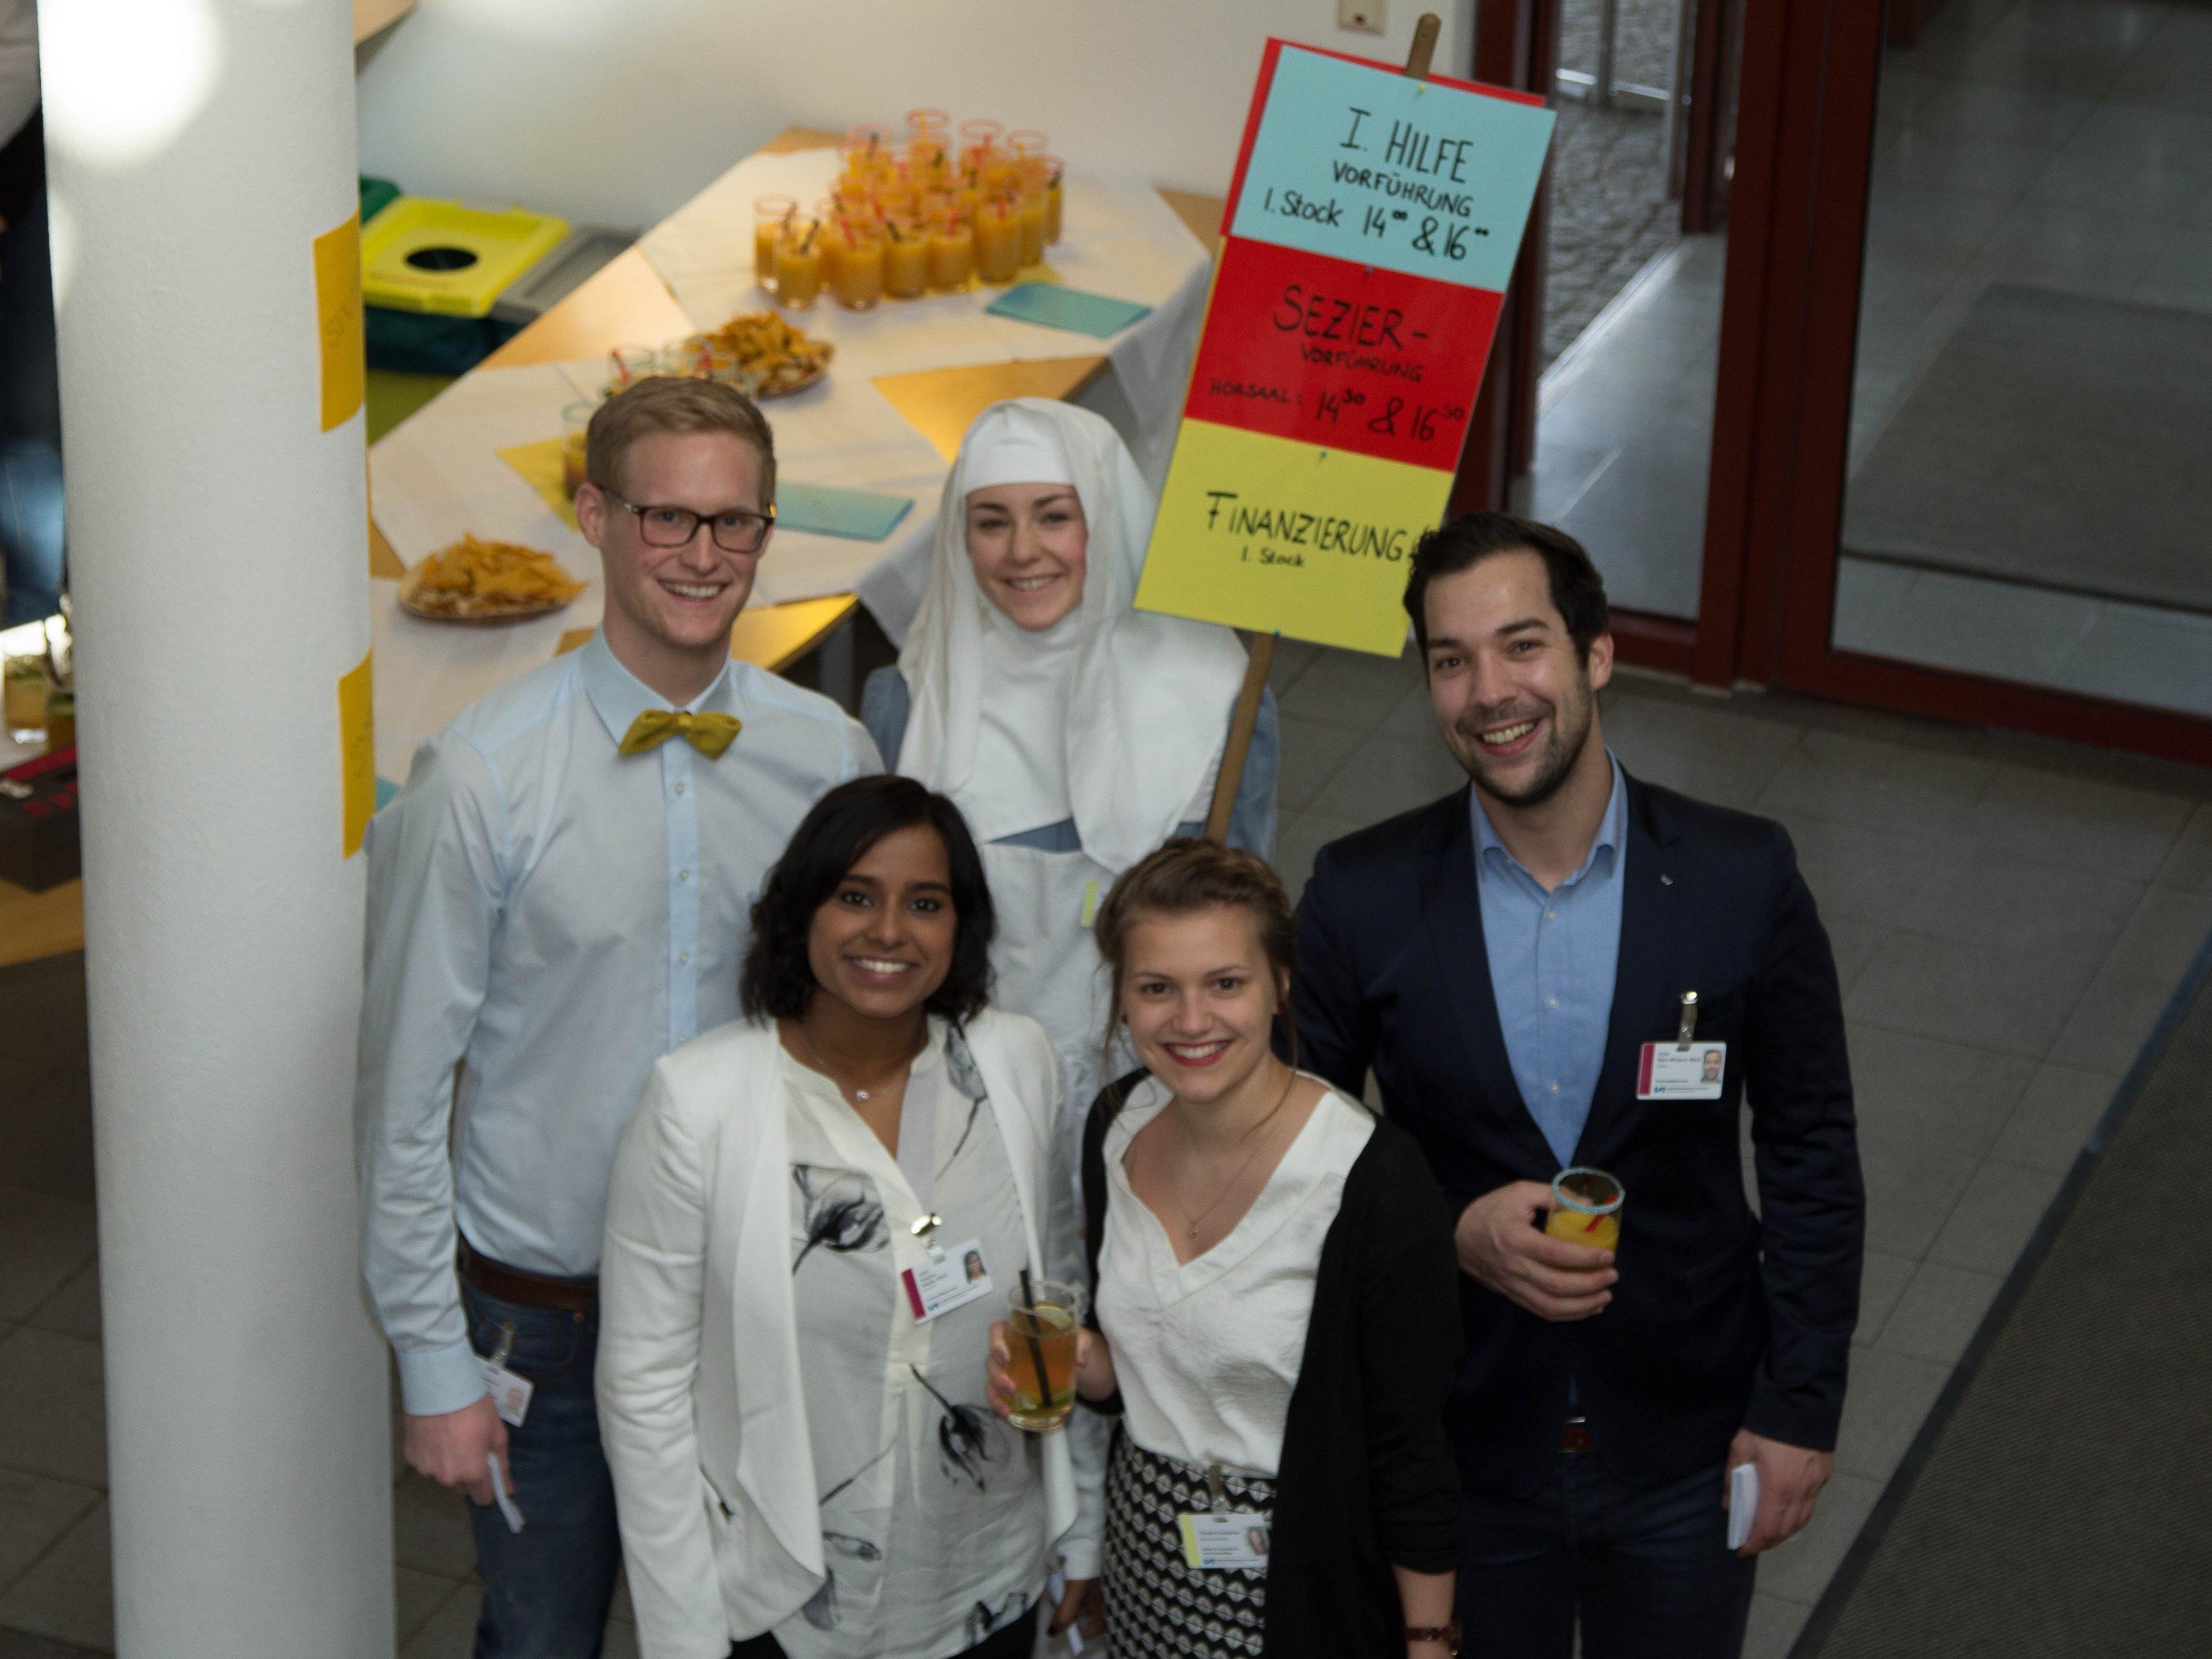 Das engagierte Team der Gesundheits- und Krankenpflegeschule Feldkirch organisierte einen bunten Info Lounge- Nachmittag.